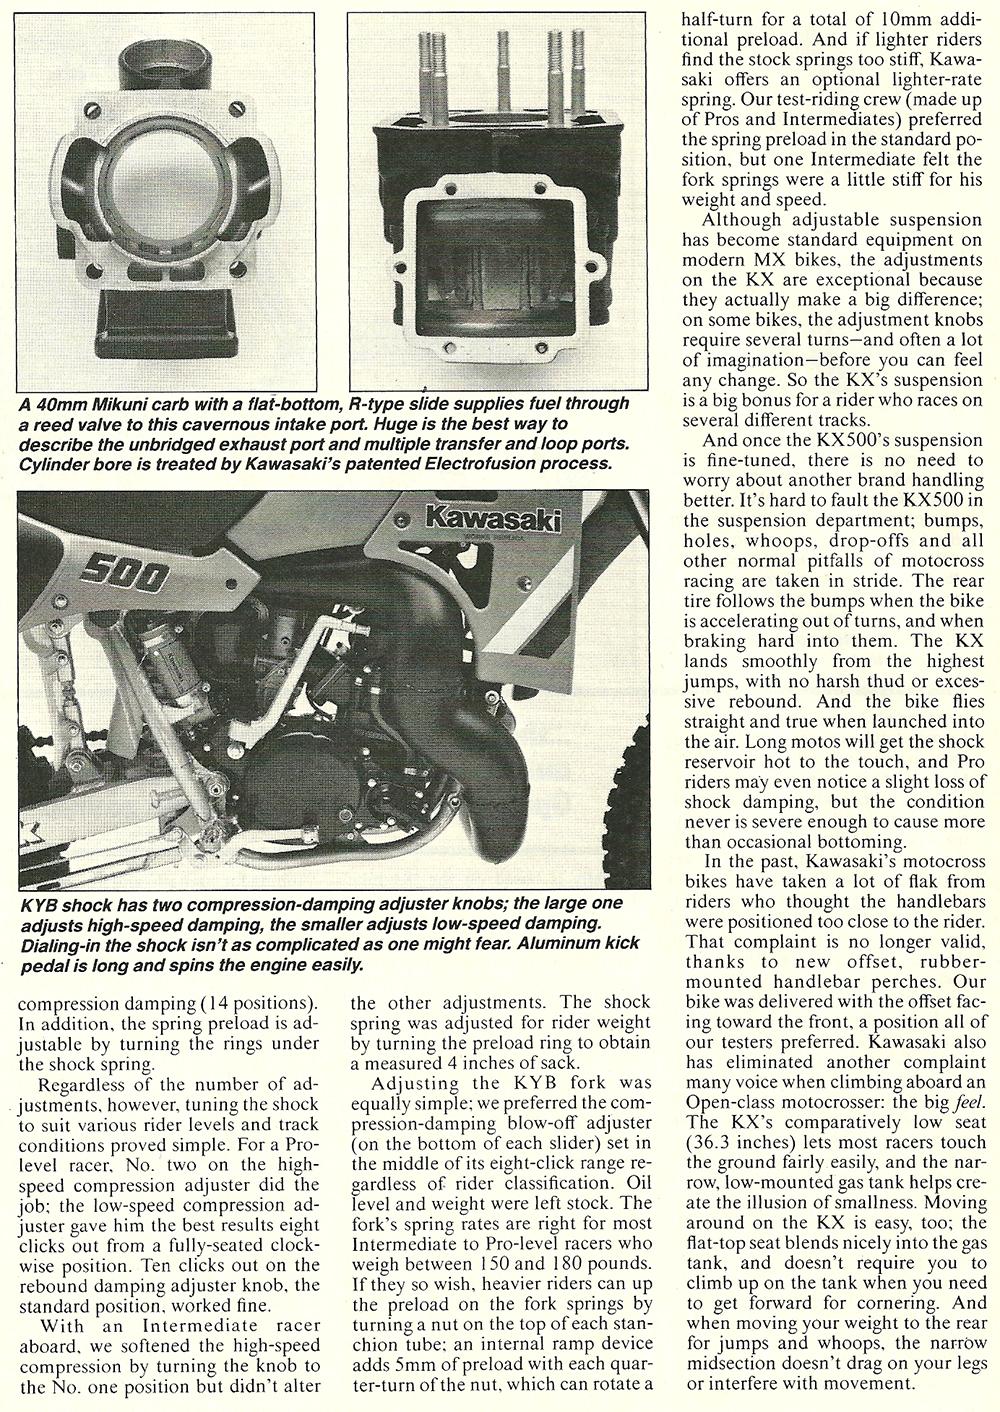 1985 Kawasaki KX500 road test 05.jpg